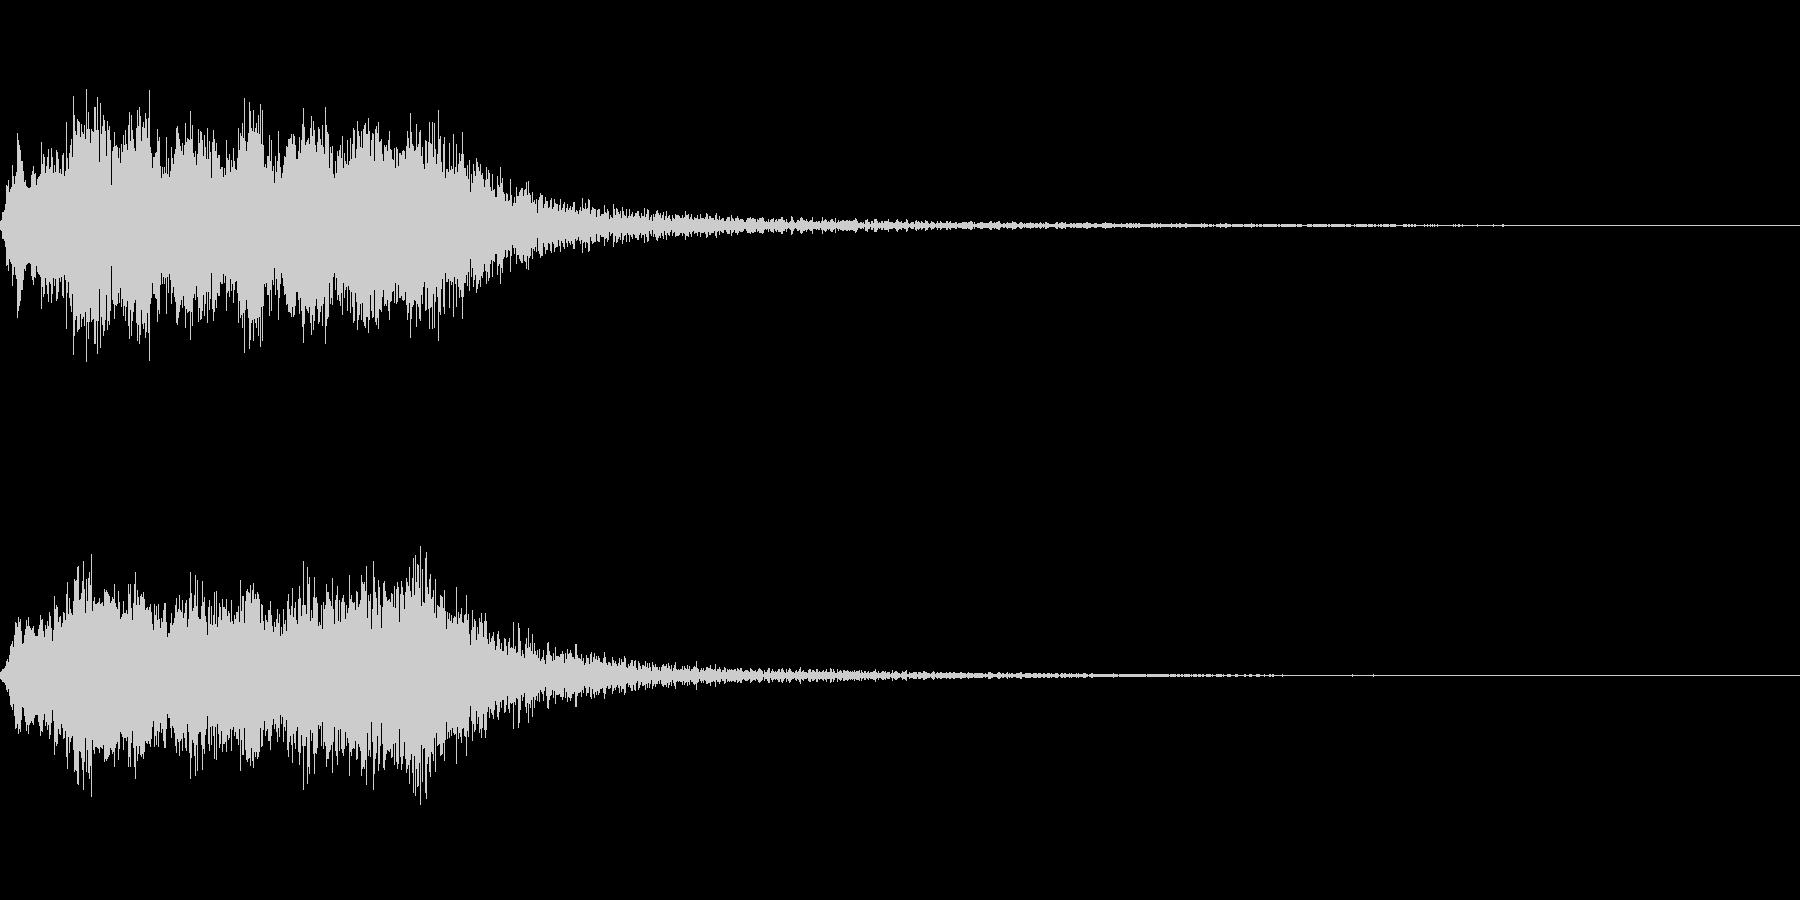 明るいストリング系ジングルBの未再生の波形